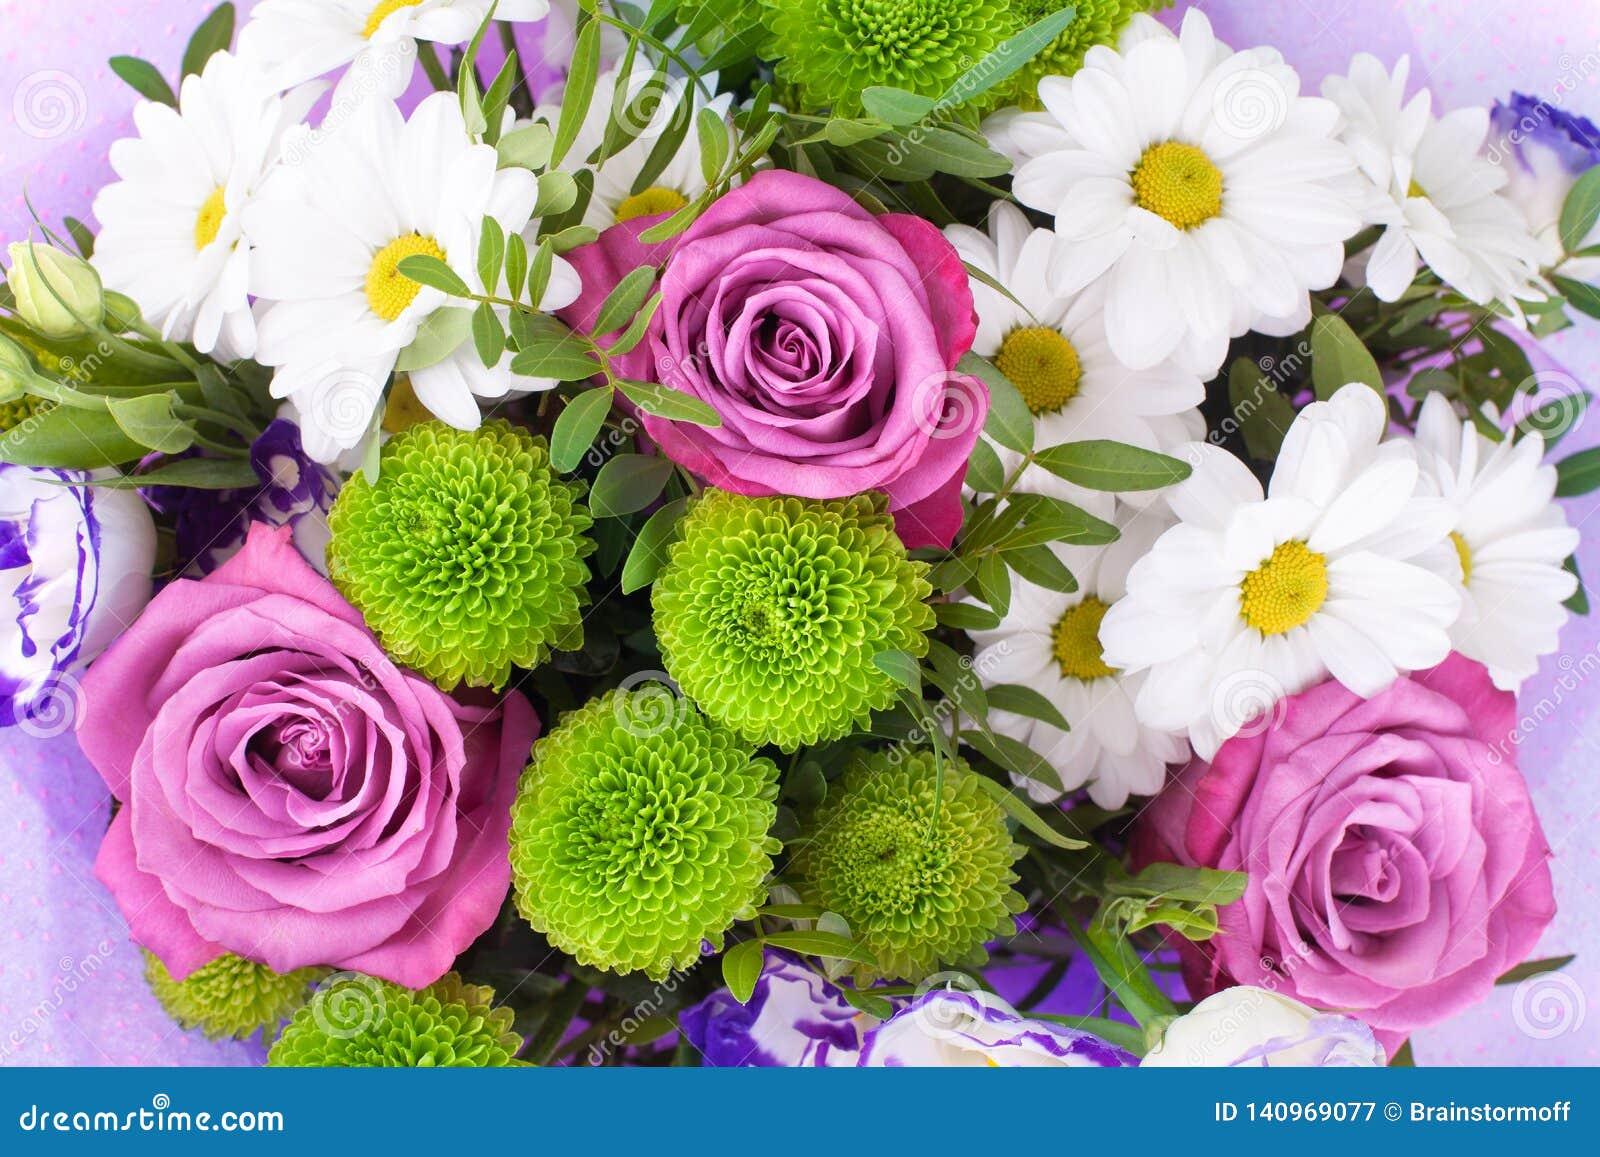 Ramalhete das rosas cor-de-rosa das flores, crisântemos brancos com as folhas verdes fundo branco no fim isolado acima